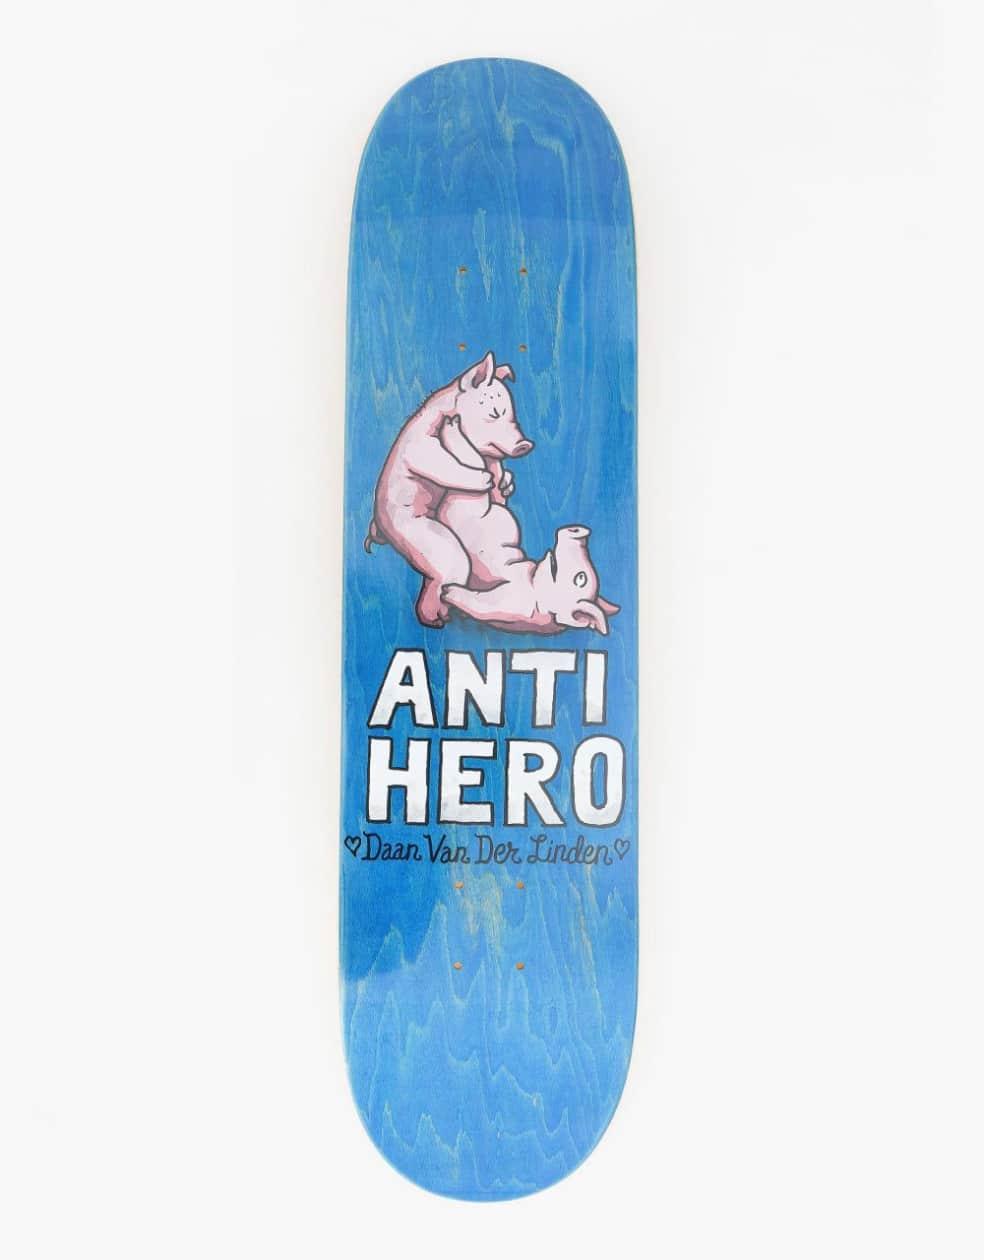 Anti Hero Daan Lovers Pro Deck - 8.06'' | Deck by Antihero Skateboards 1